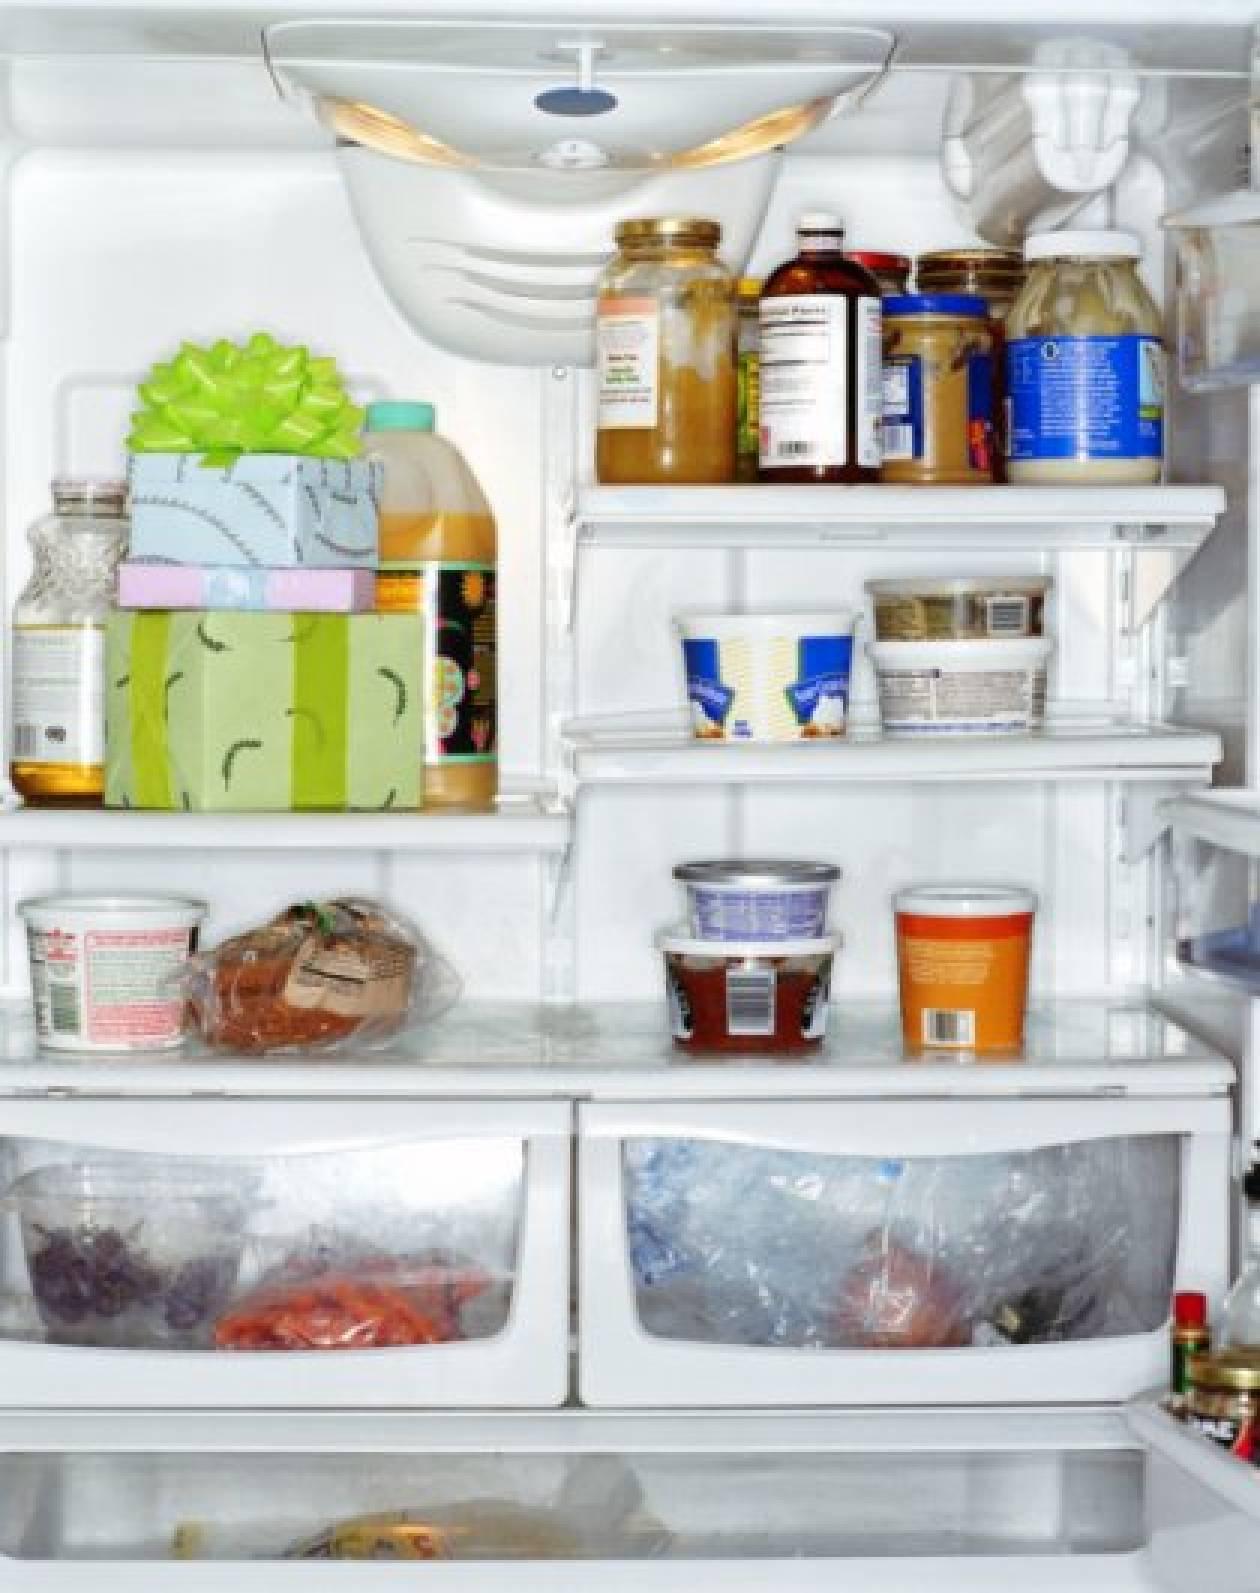 Αυτή η σχέση ψυγείου και πρίζας πρέπει να αραιώσει